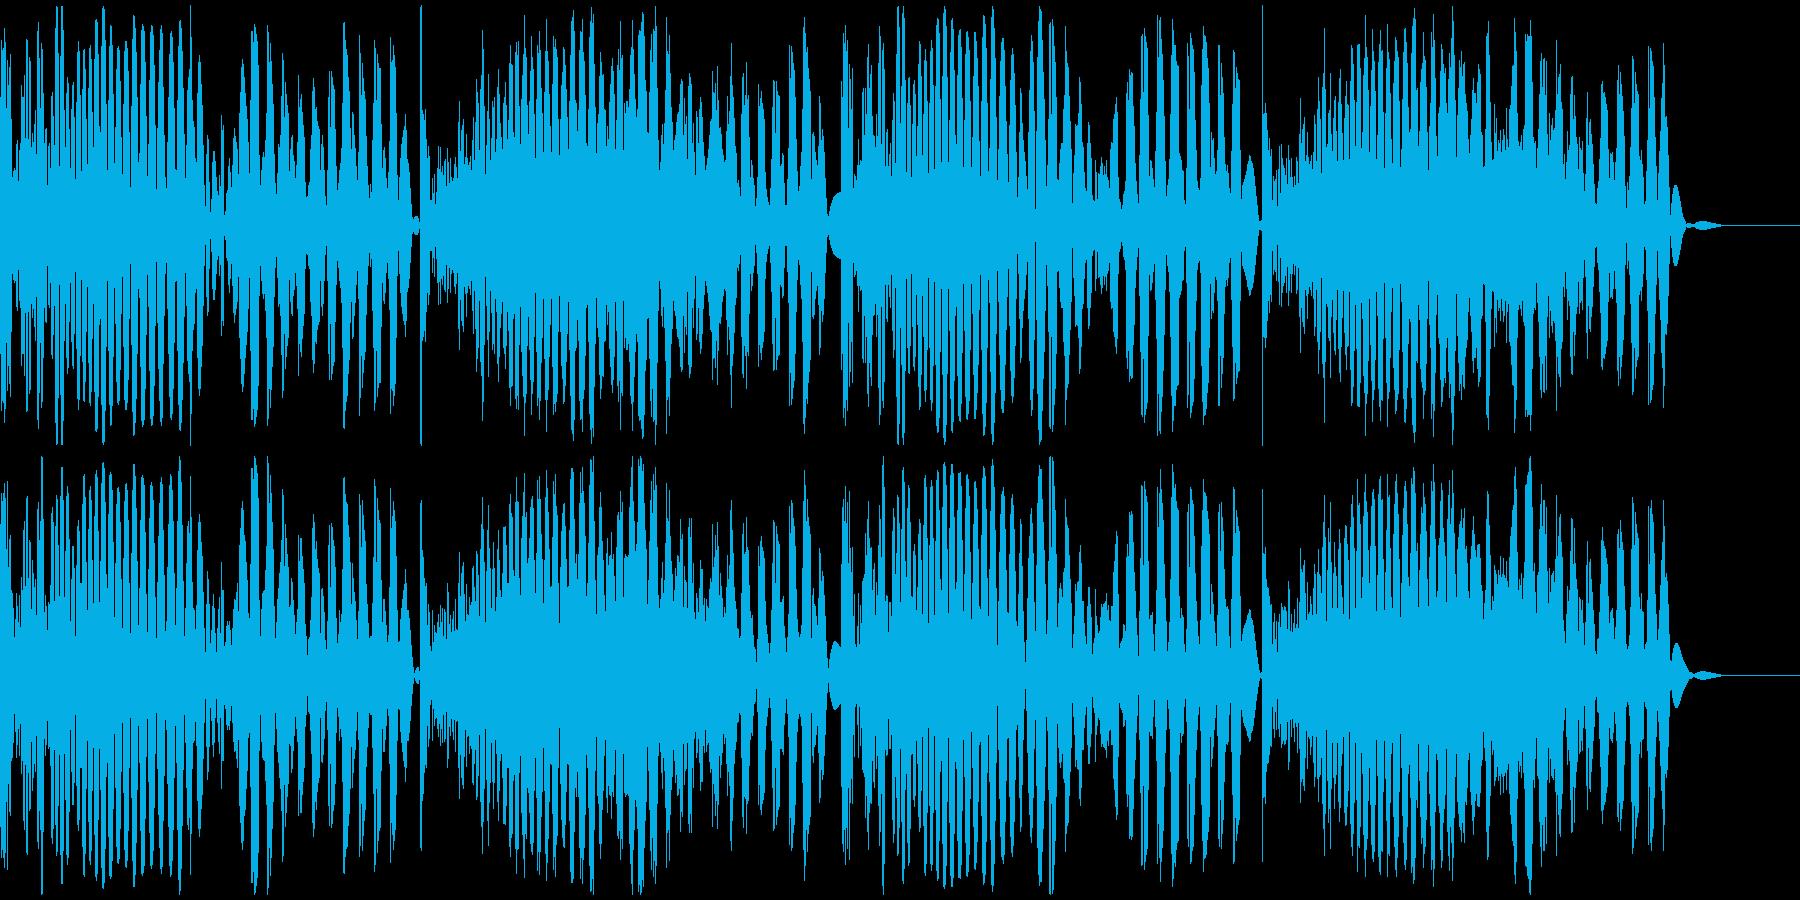 ビート音(185Bpm)の再生済みの波形